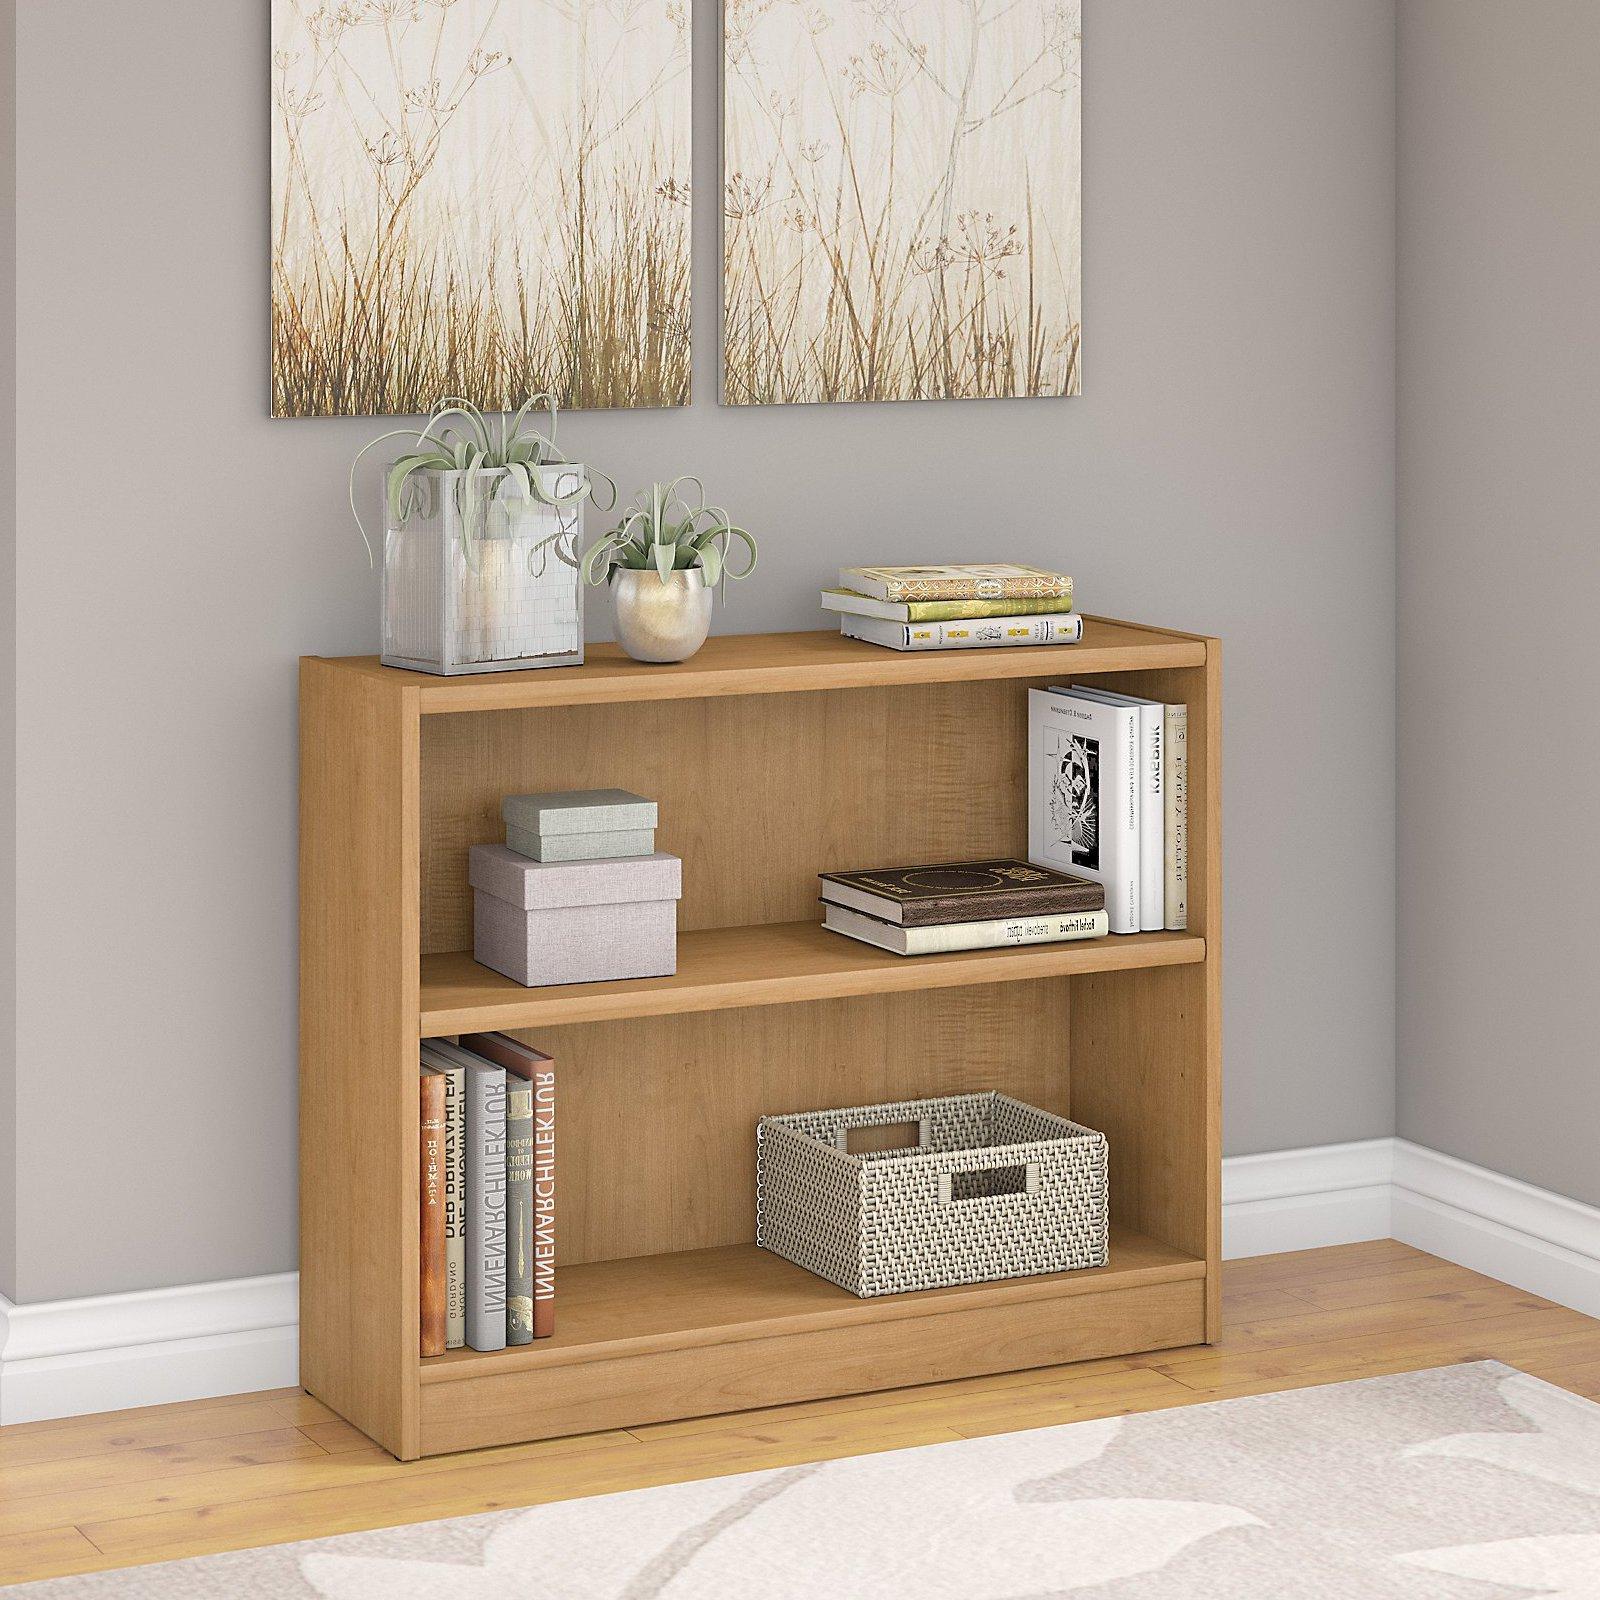 Newest Ebern Designs Kirkbride Standard Bookcase Within Kirkbride Standard Bookcases (View 9 of 20)